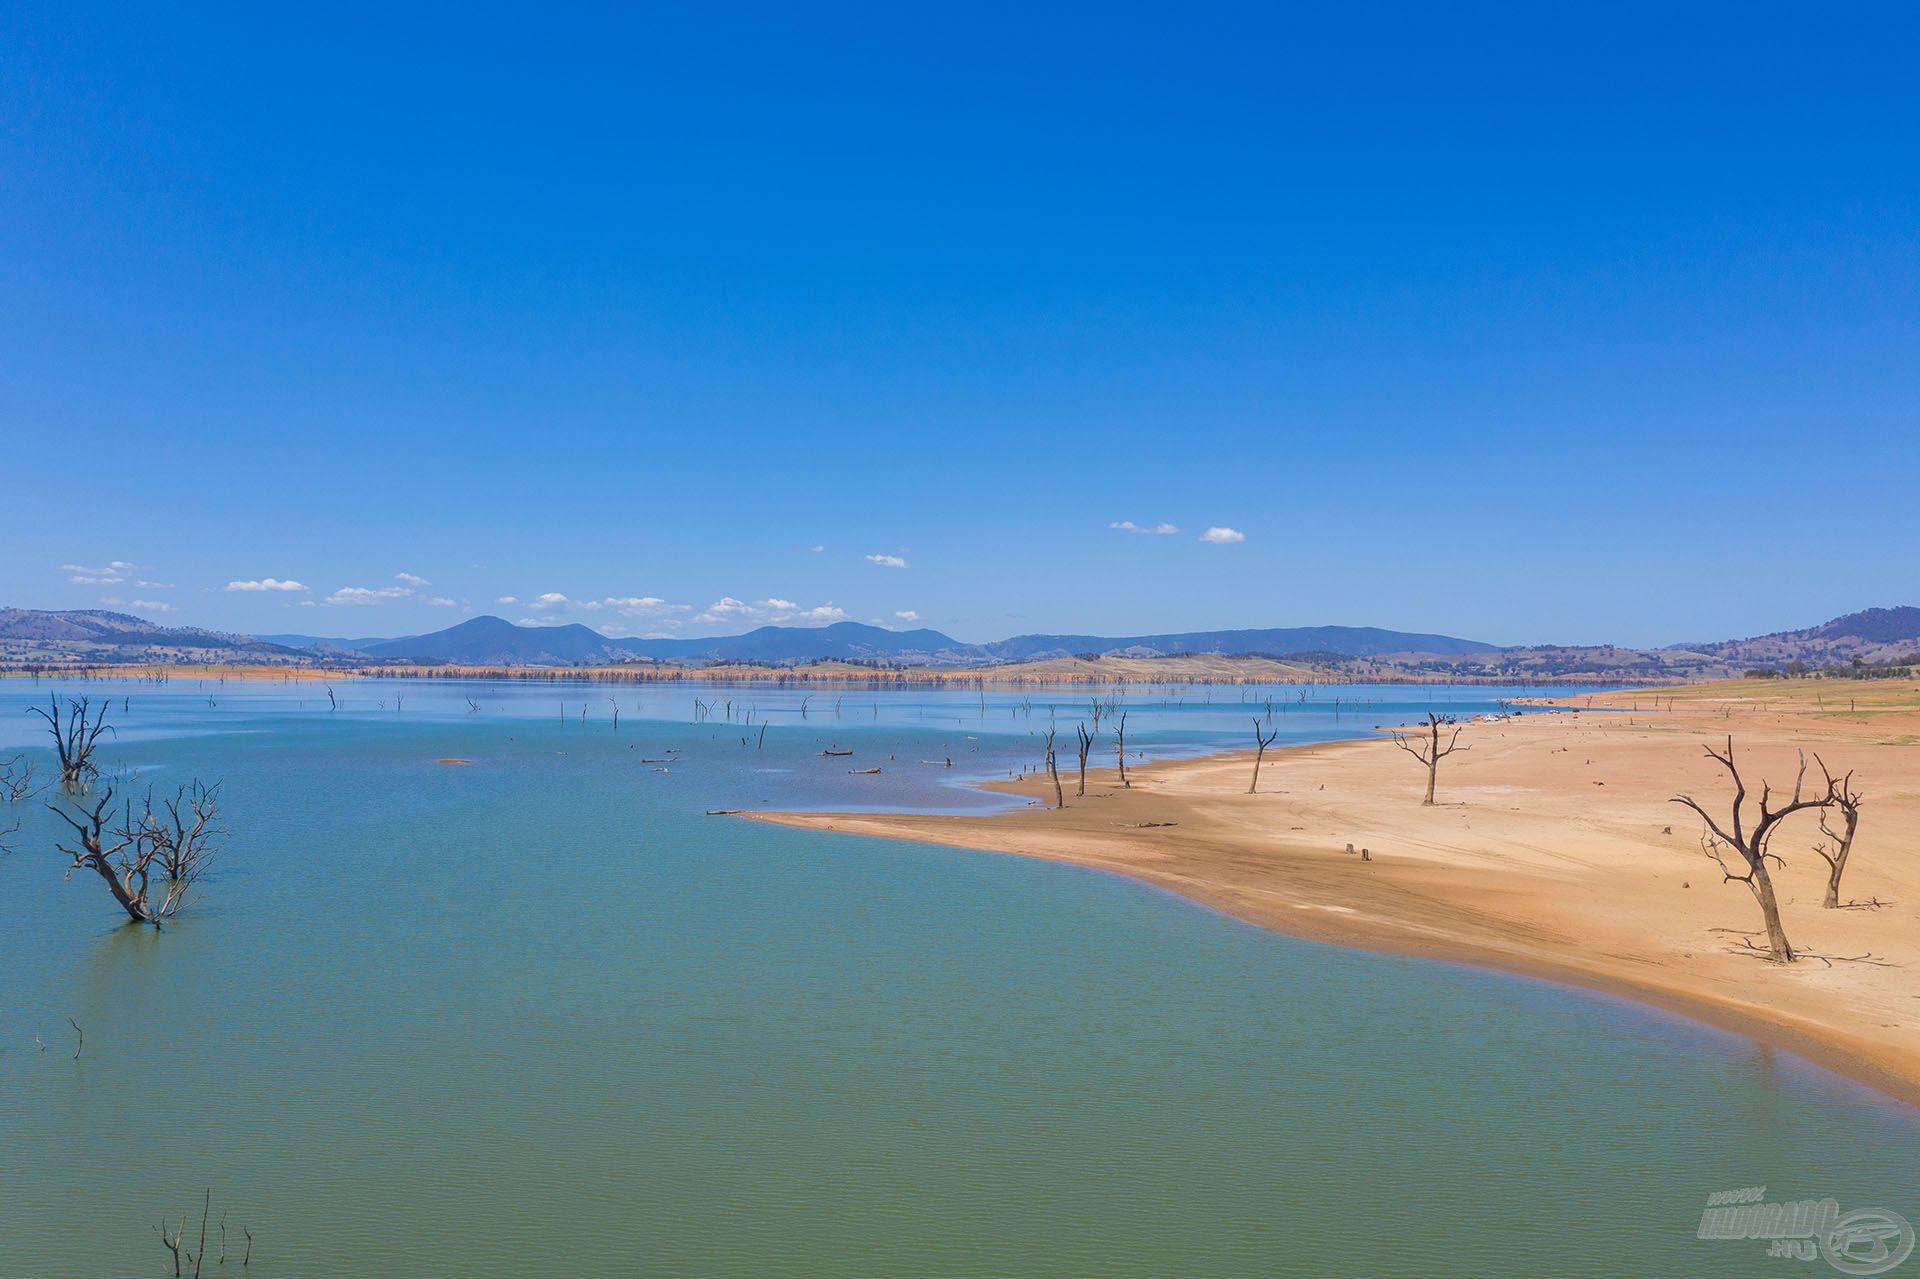 A Feeder Fest 2020 nemzetközi verseny helyszíne a Lake Hume víztározó volt